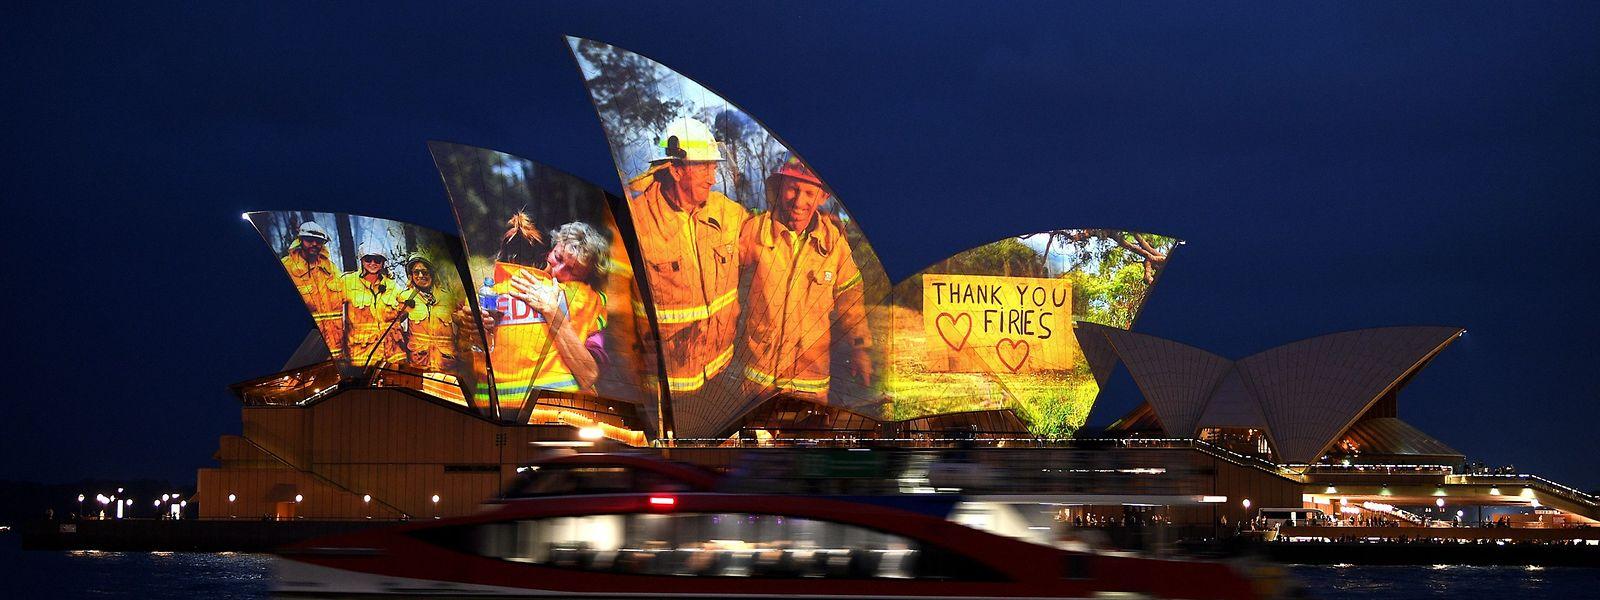 L'opéra de Sydney projette des images des pompiers australiens sur sa façade en guise d'hommage à leur engagement.